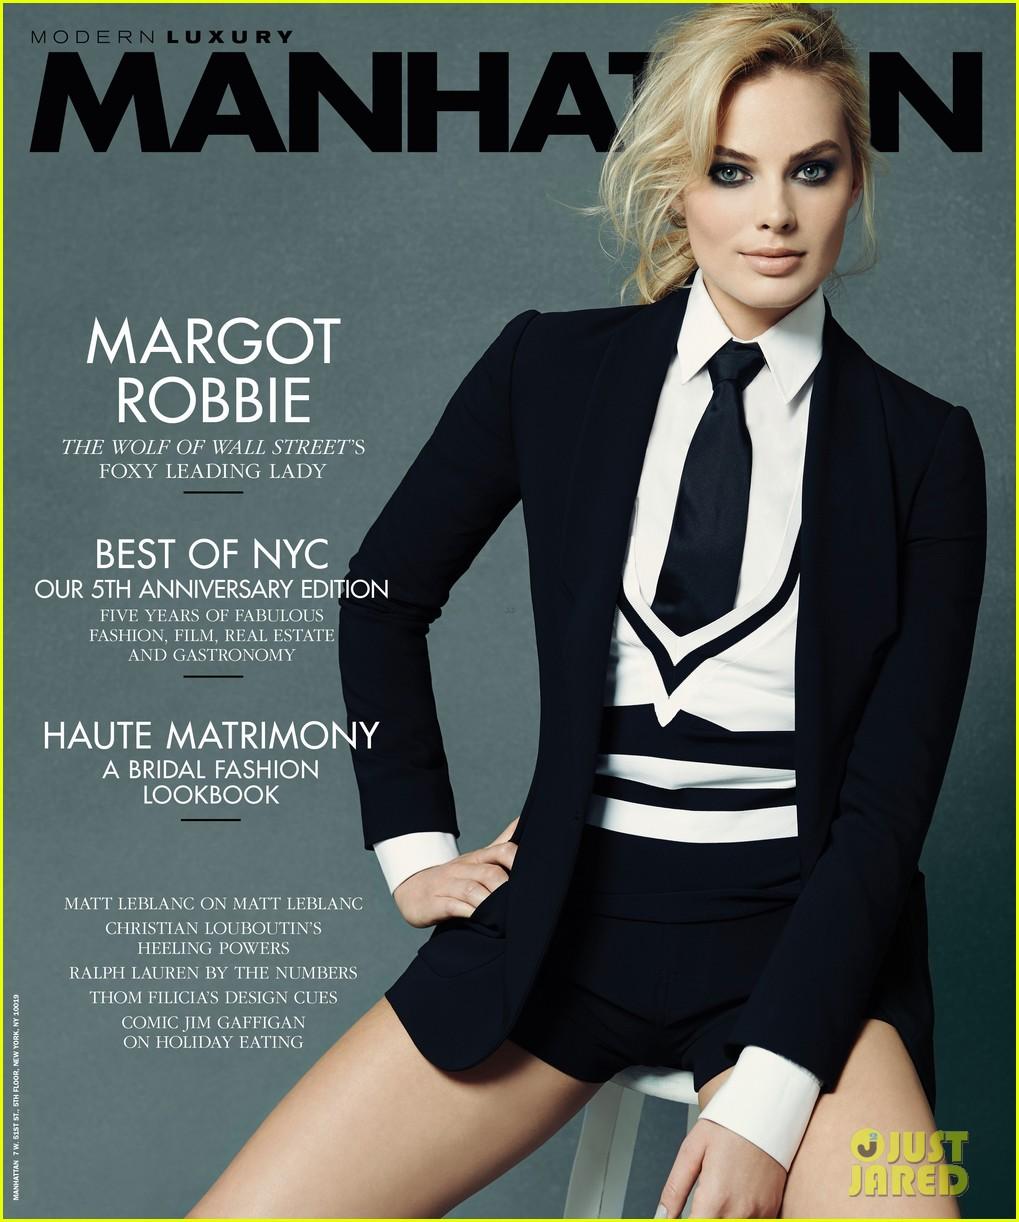 margot robbie covers manhattan magazine january 2014 01.3022098